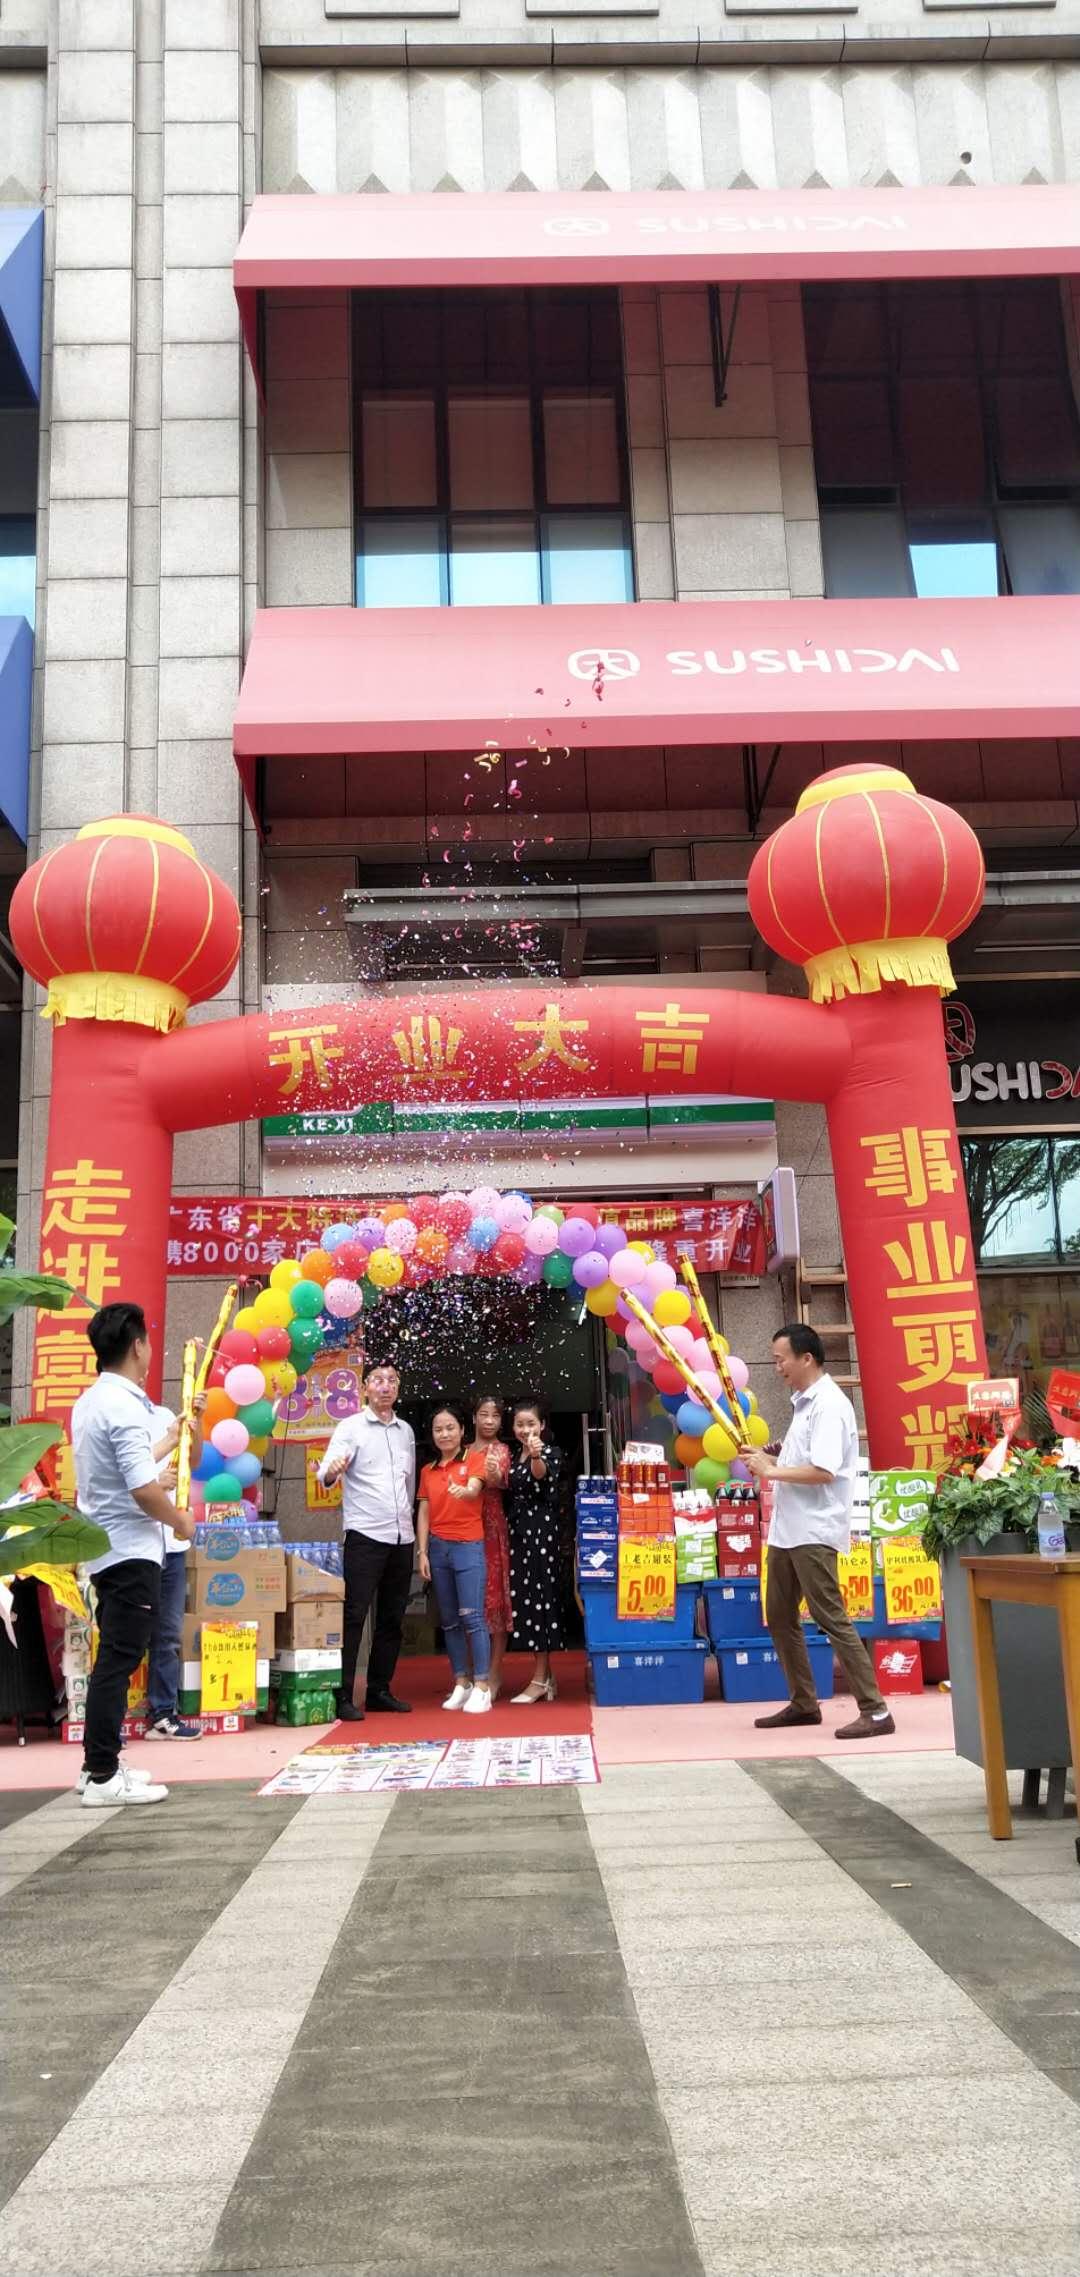 喜洋洋全体员工热烈庆祝大朗松湖分店4月23日隆重开业!